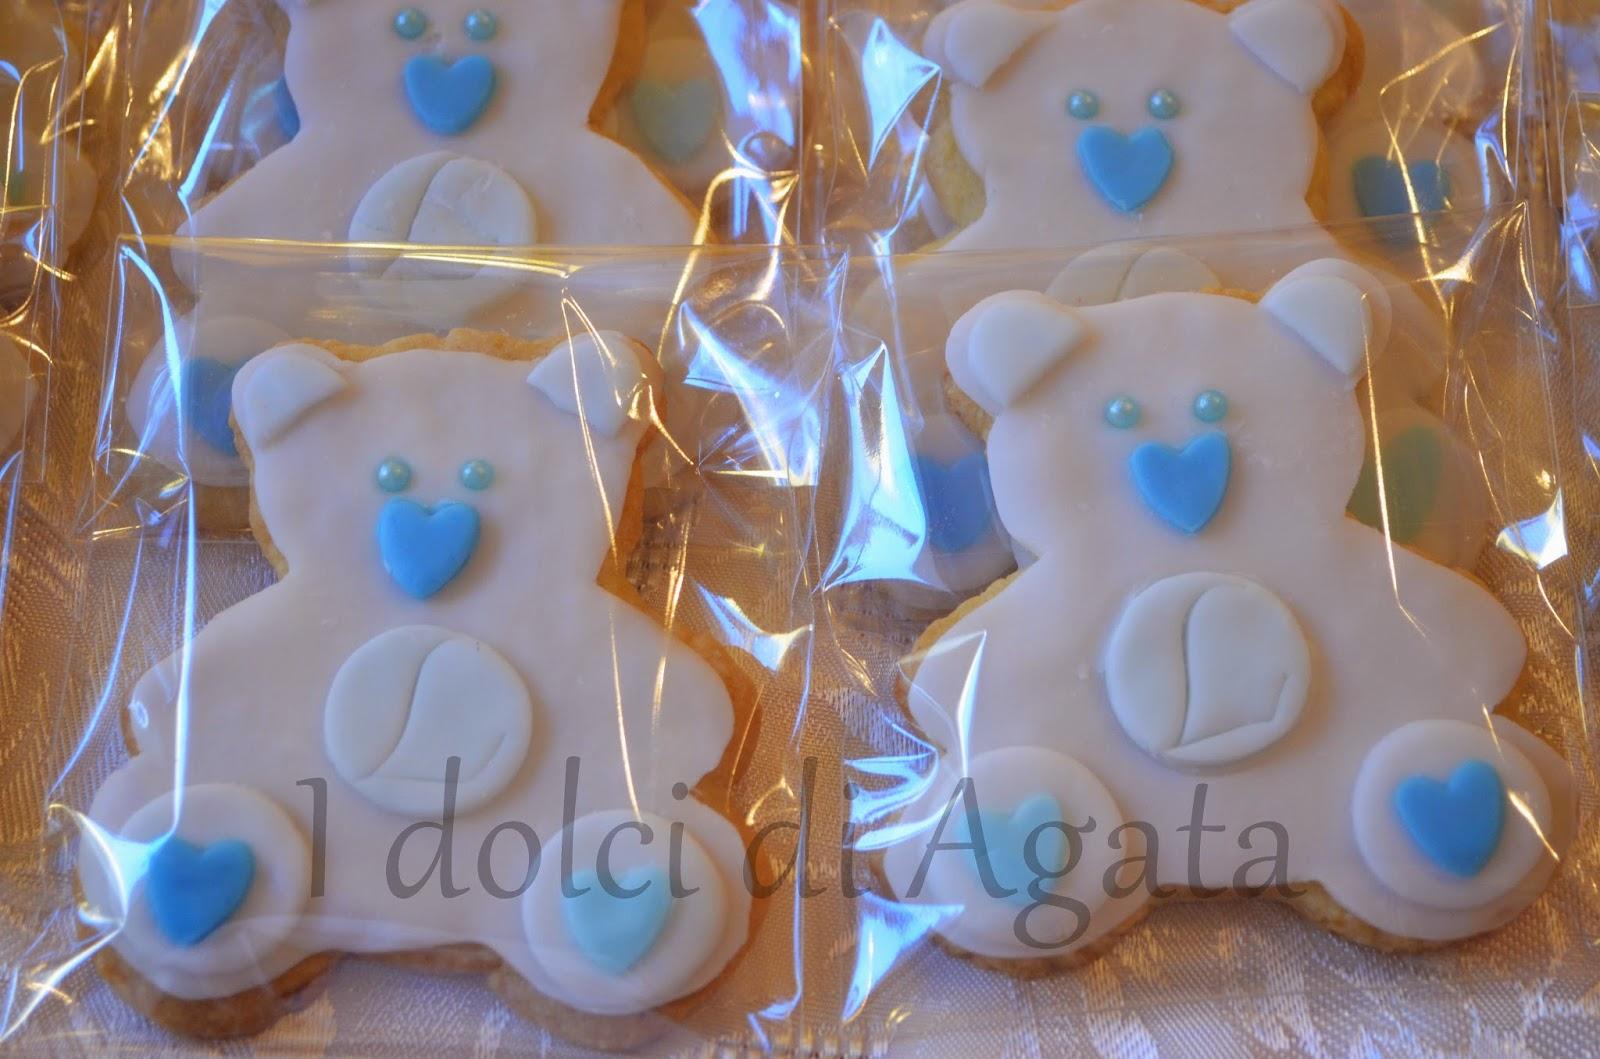 Favorito I dolci di Agata e non solo !!!: Biscotti Orsetto per battesimo PW33